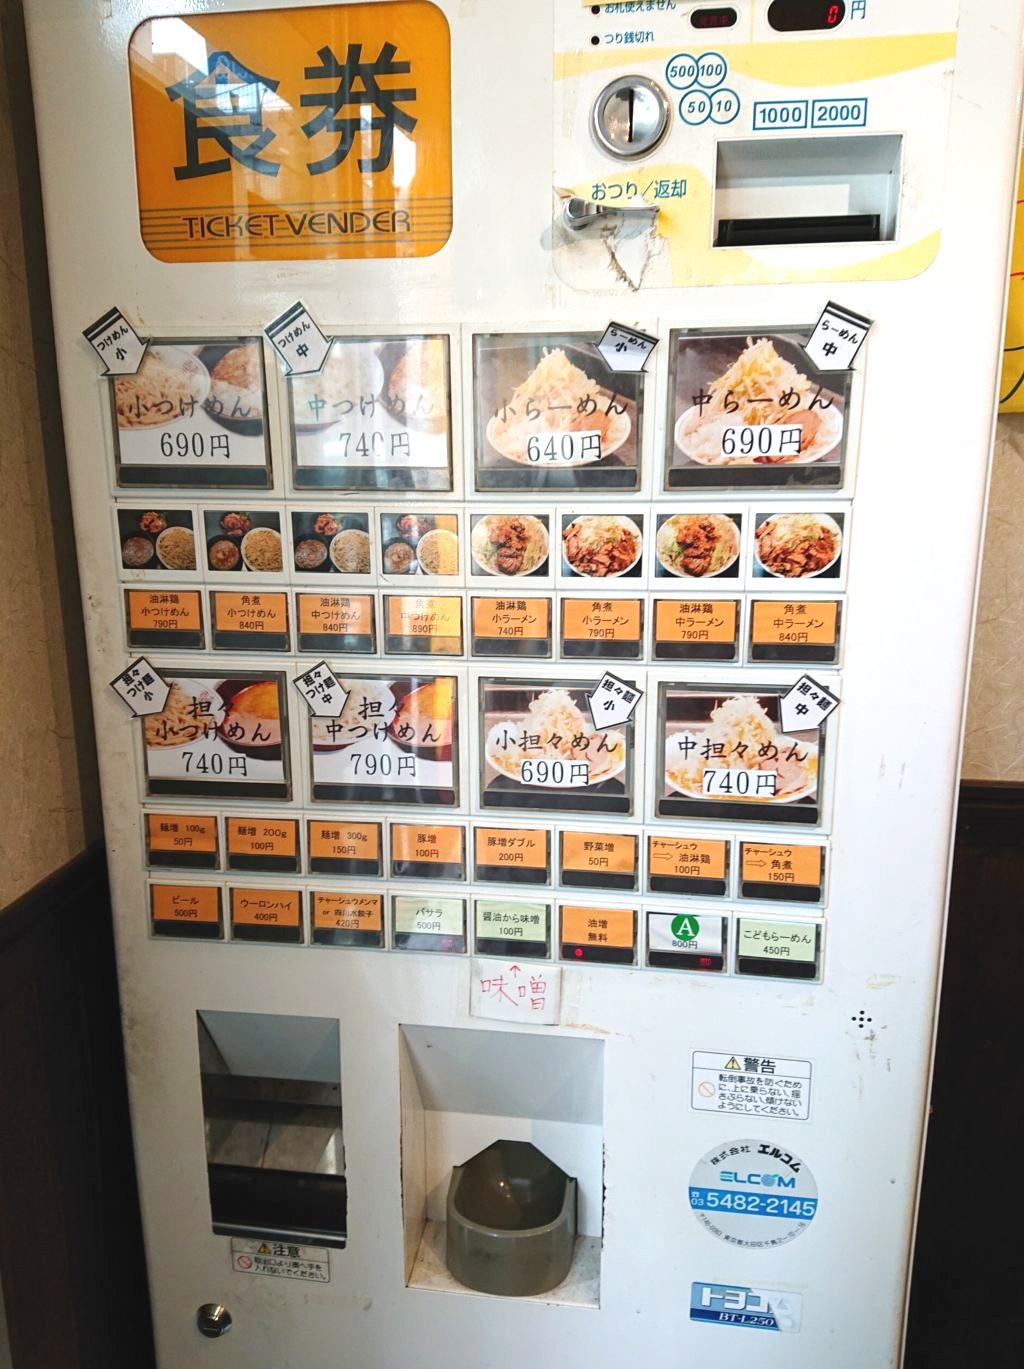 麺屋 婆娑羅 (めんや ばさら) 食券機のメニュー